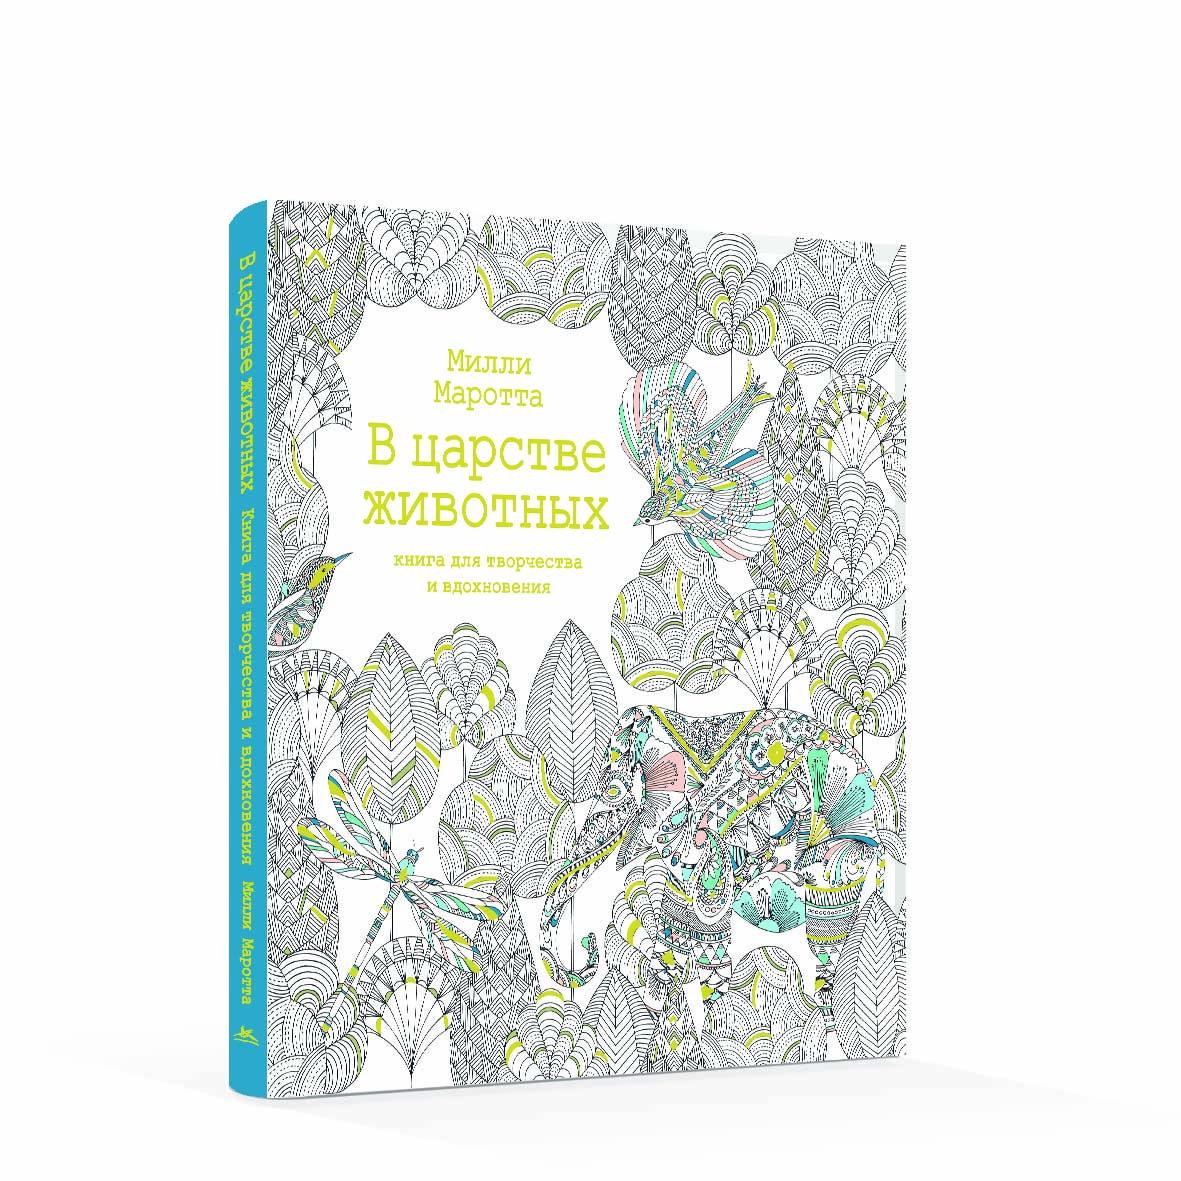 Милли Маротта В царстве животных. Книга для творчества и вдохновения milli одноместный voyager